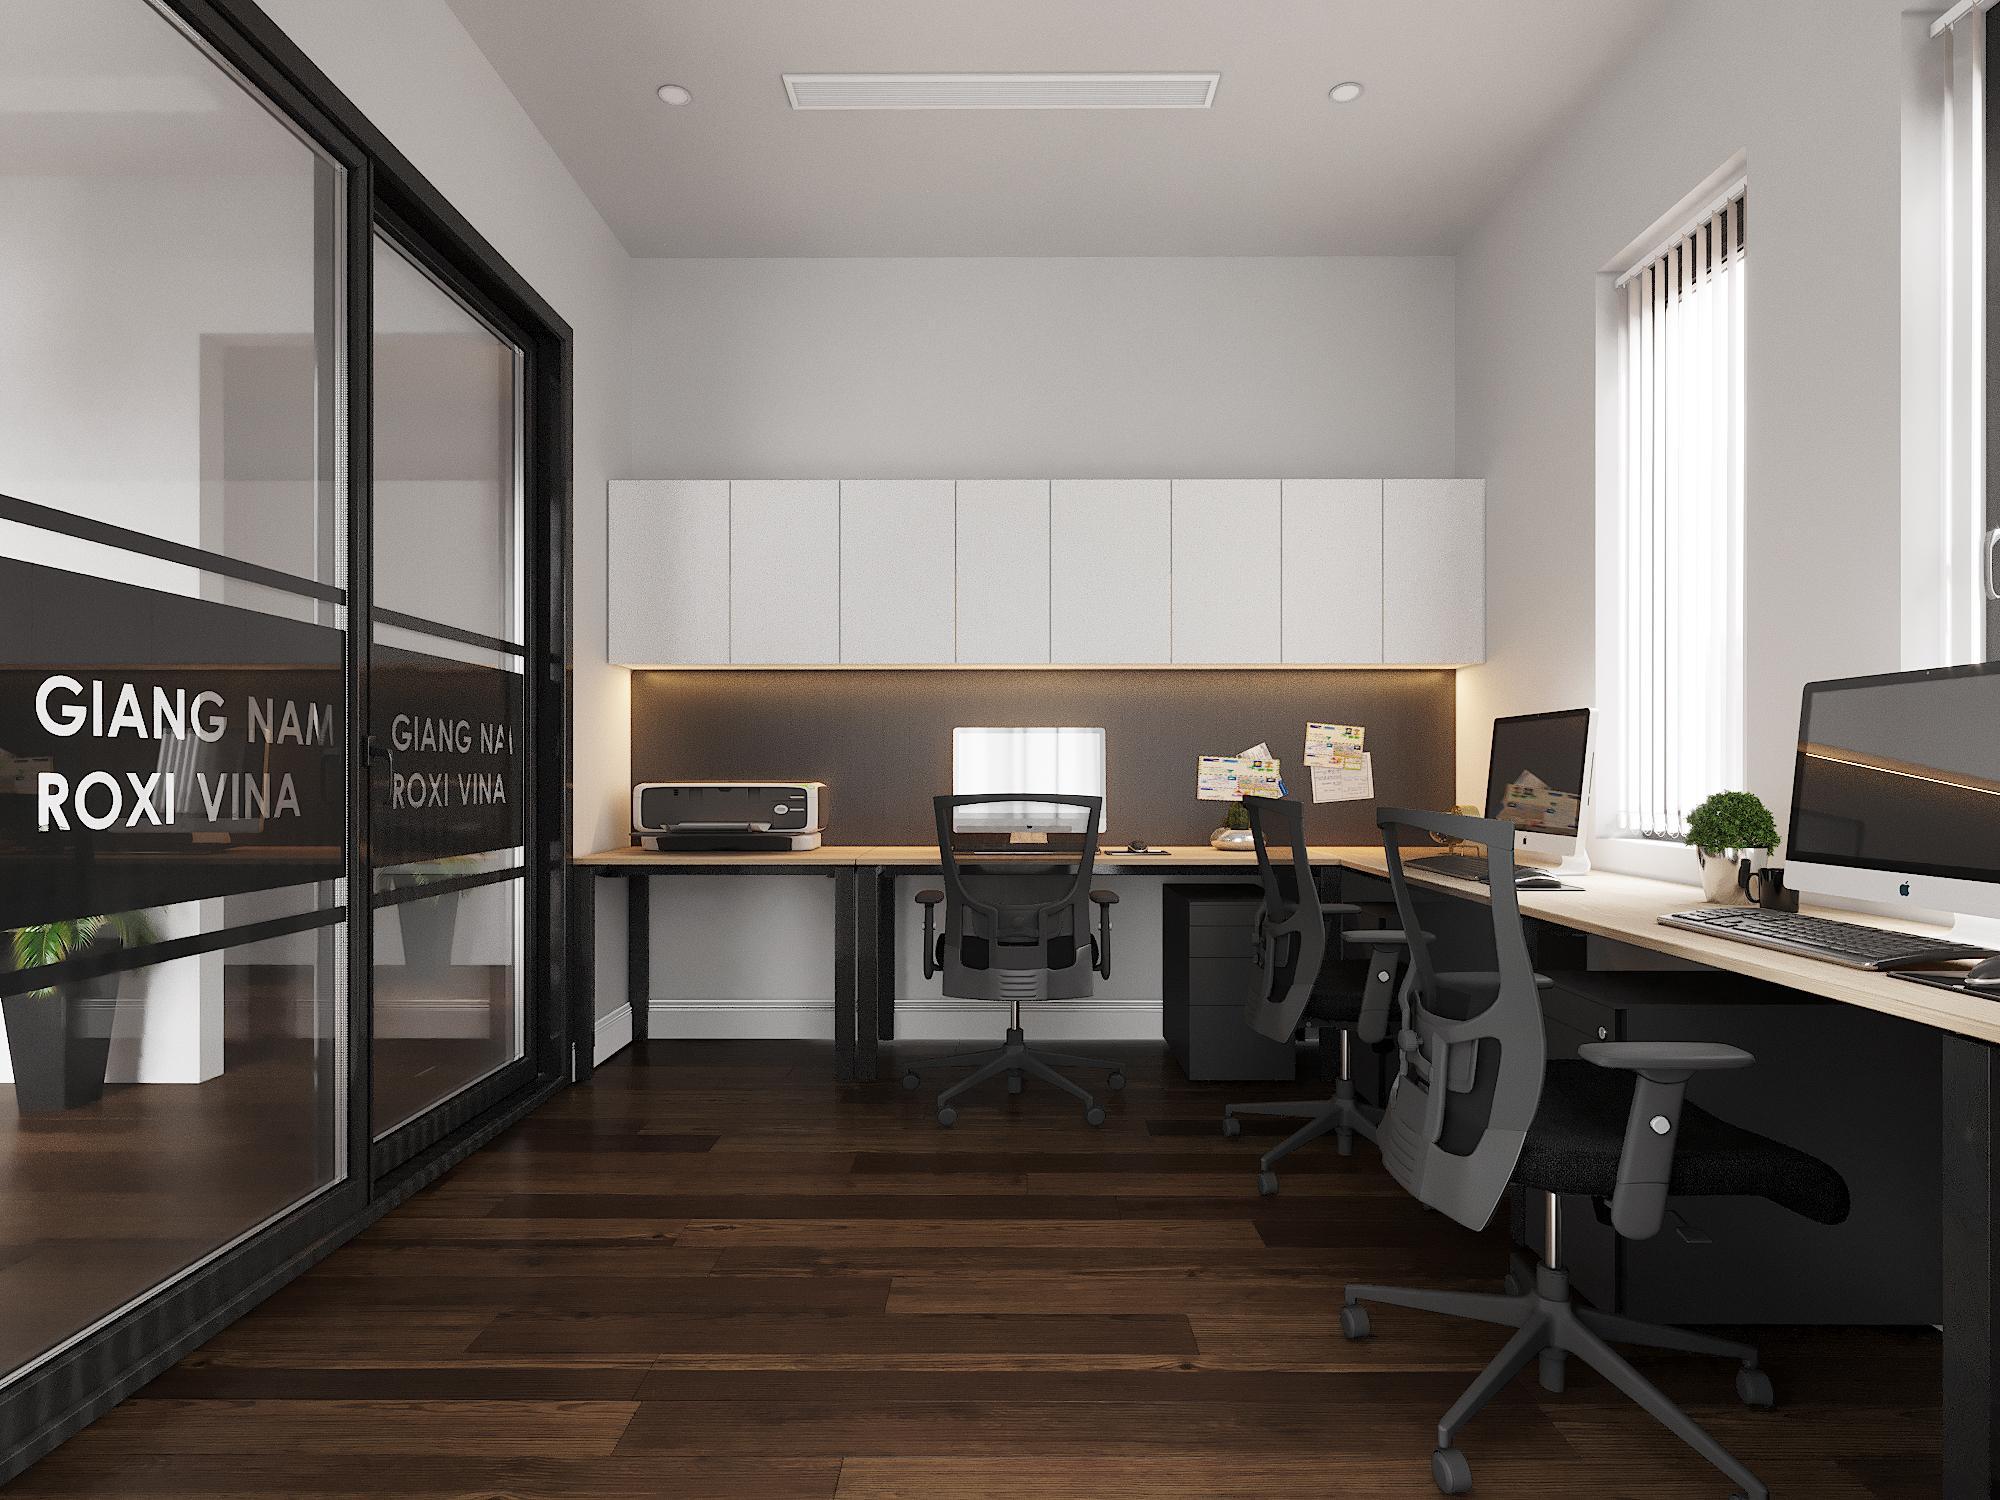 Thiết kế nội thất văn phòng được tân dụng hết ánh sáng thiên nhiên từ cửa sổ